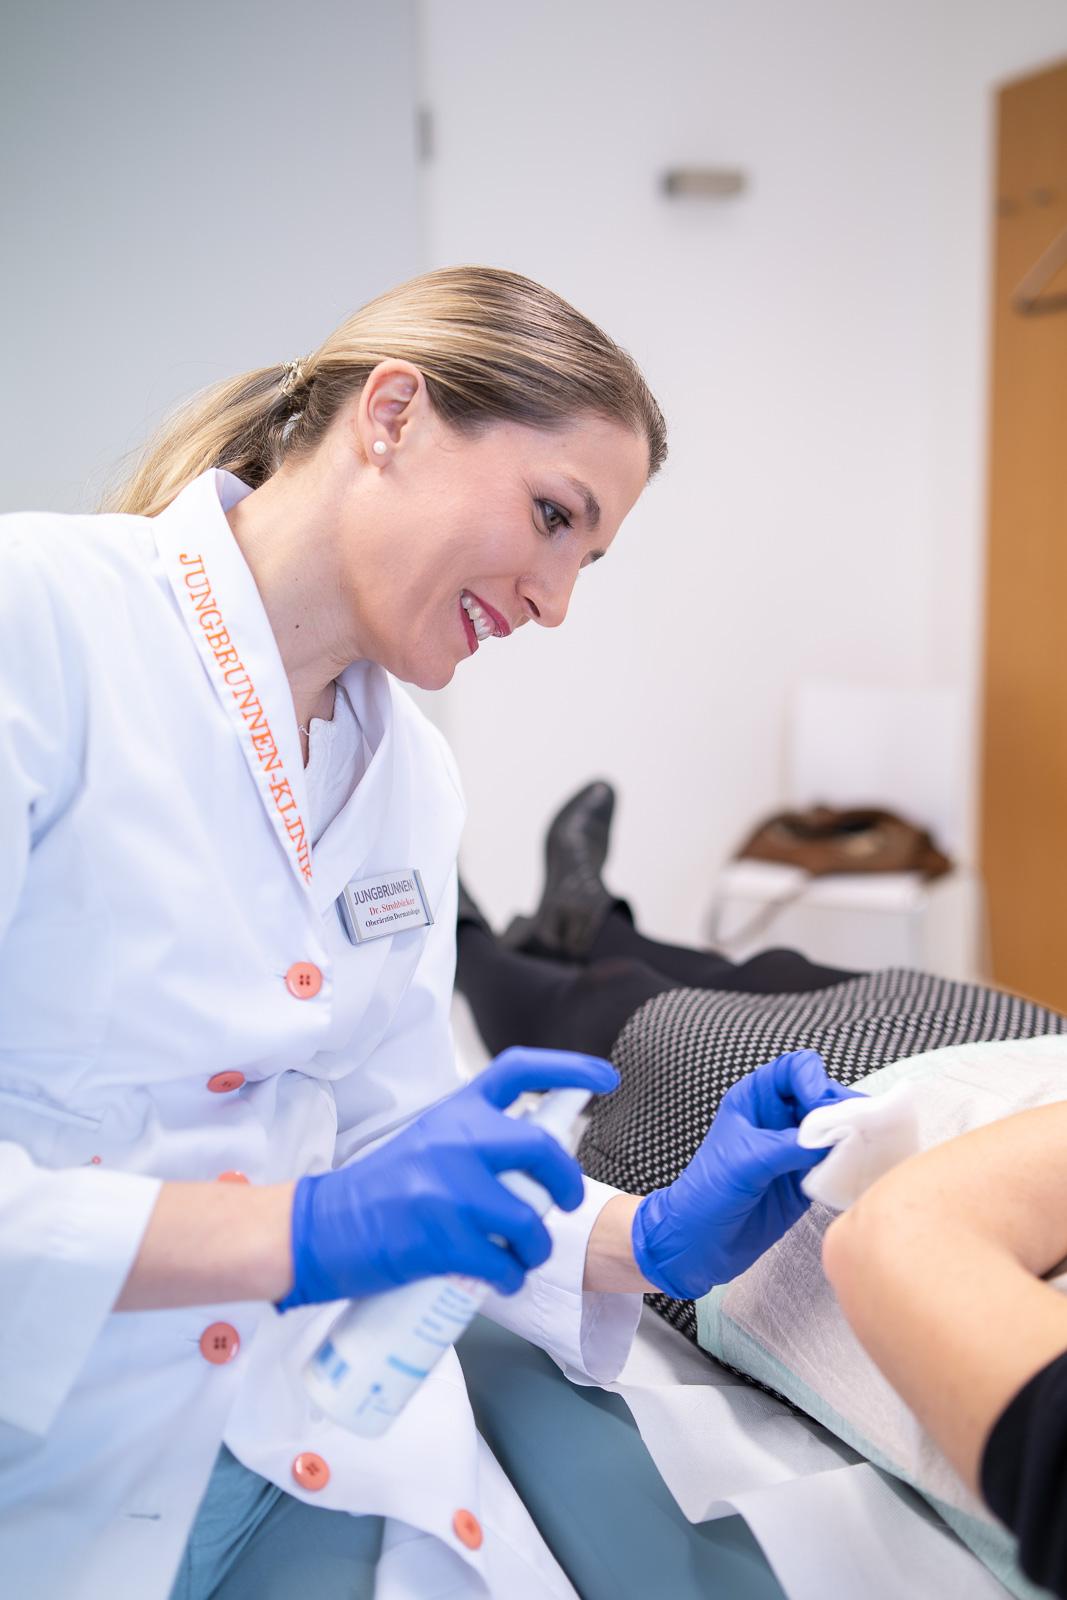 private Klinik für Dermatologie und ästhetische Chirurgie - Ärztin desinfiziert Arum - Bernadett Yehdou Fotografin